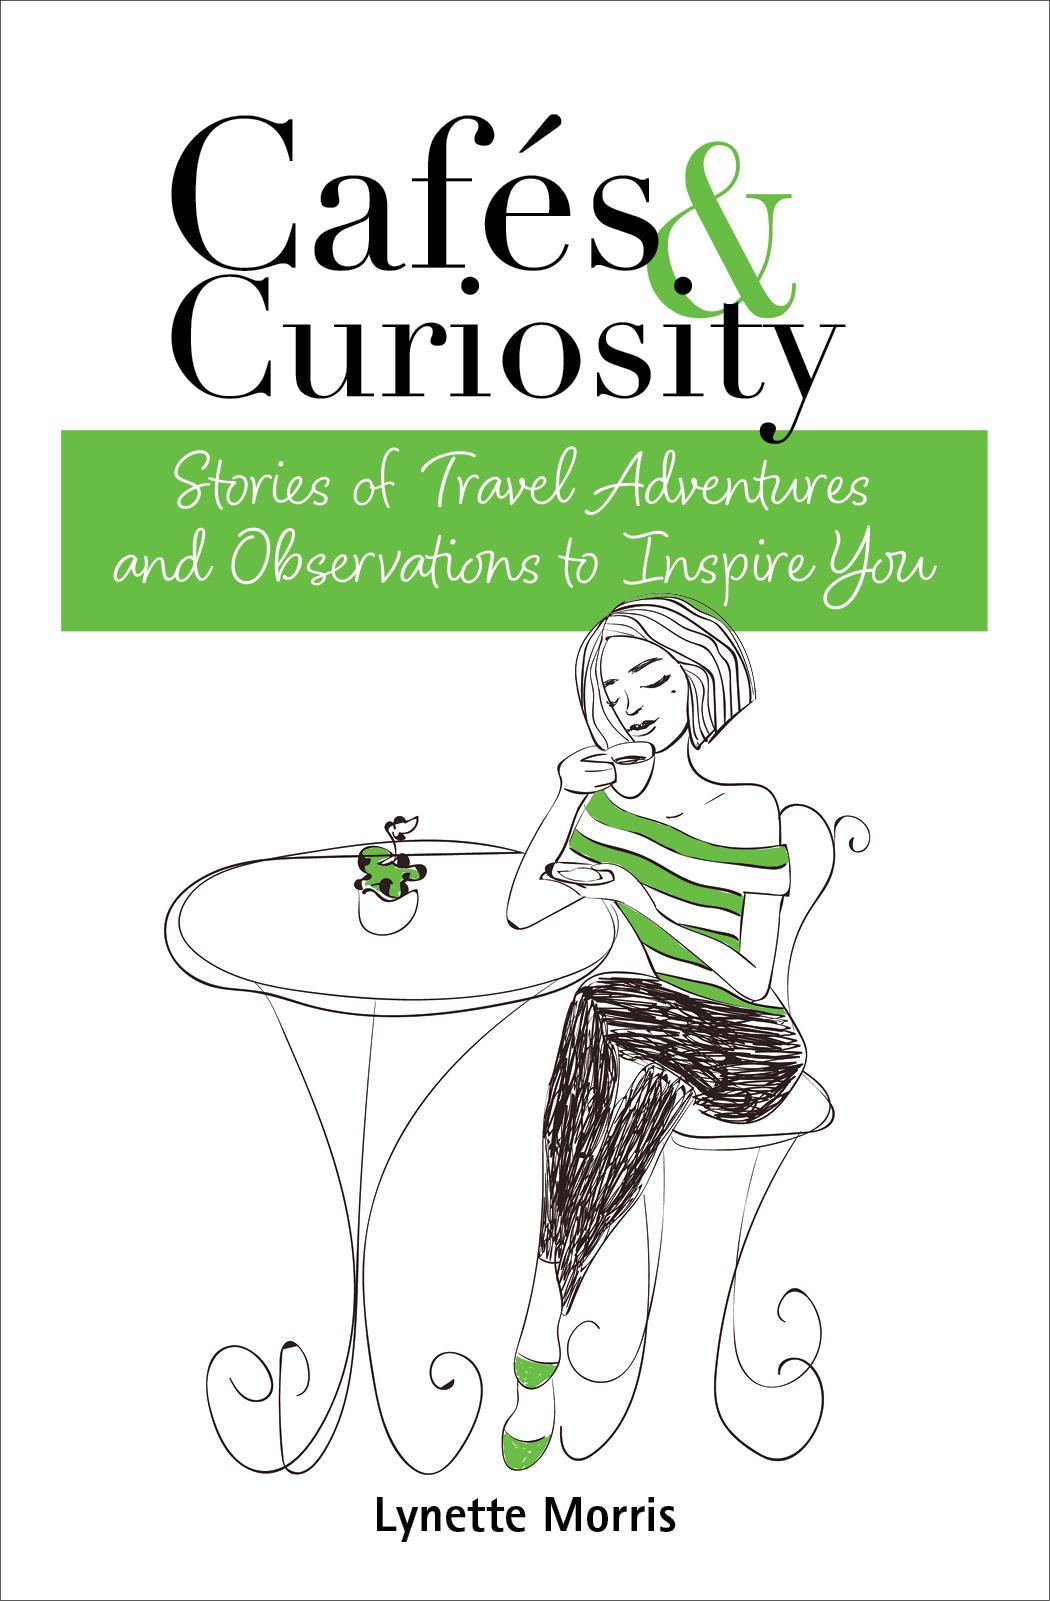 Cafes & Curiosity